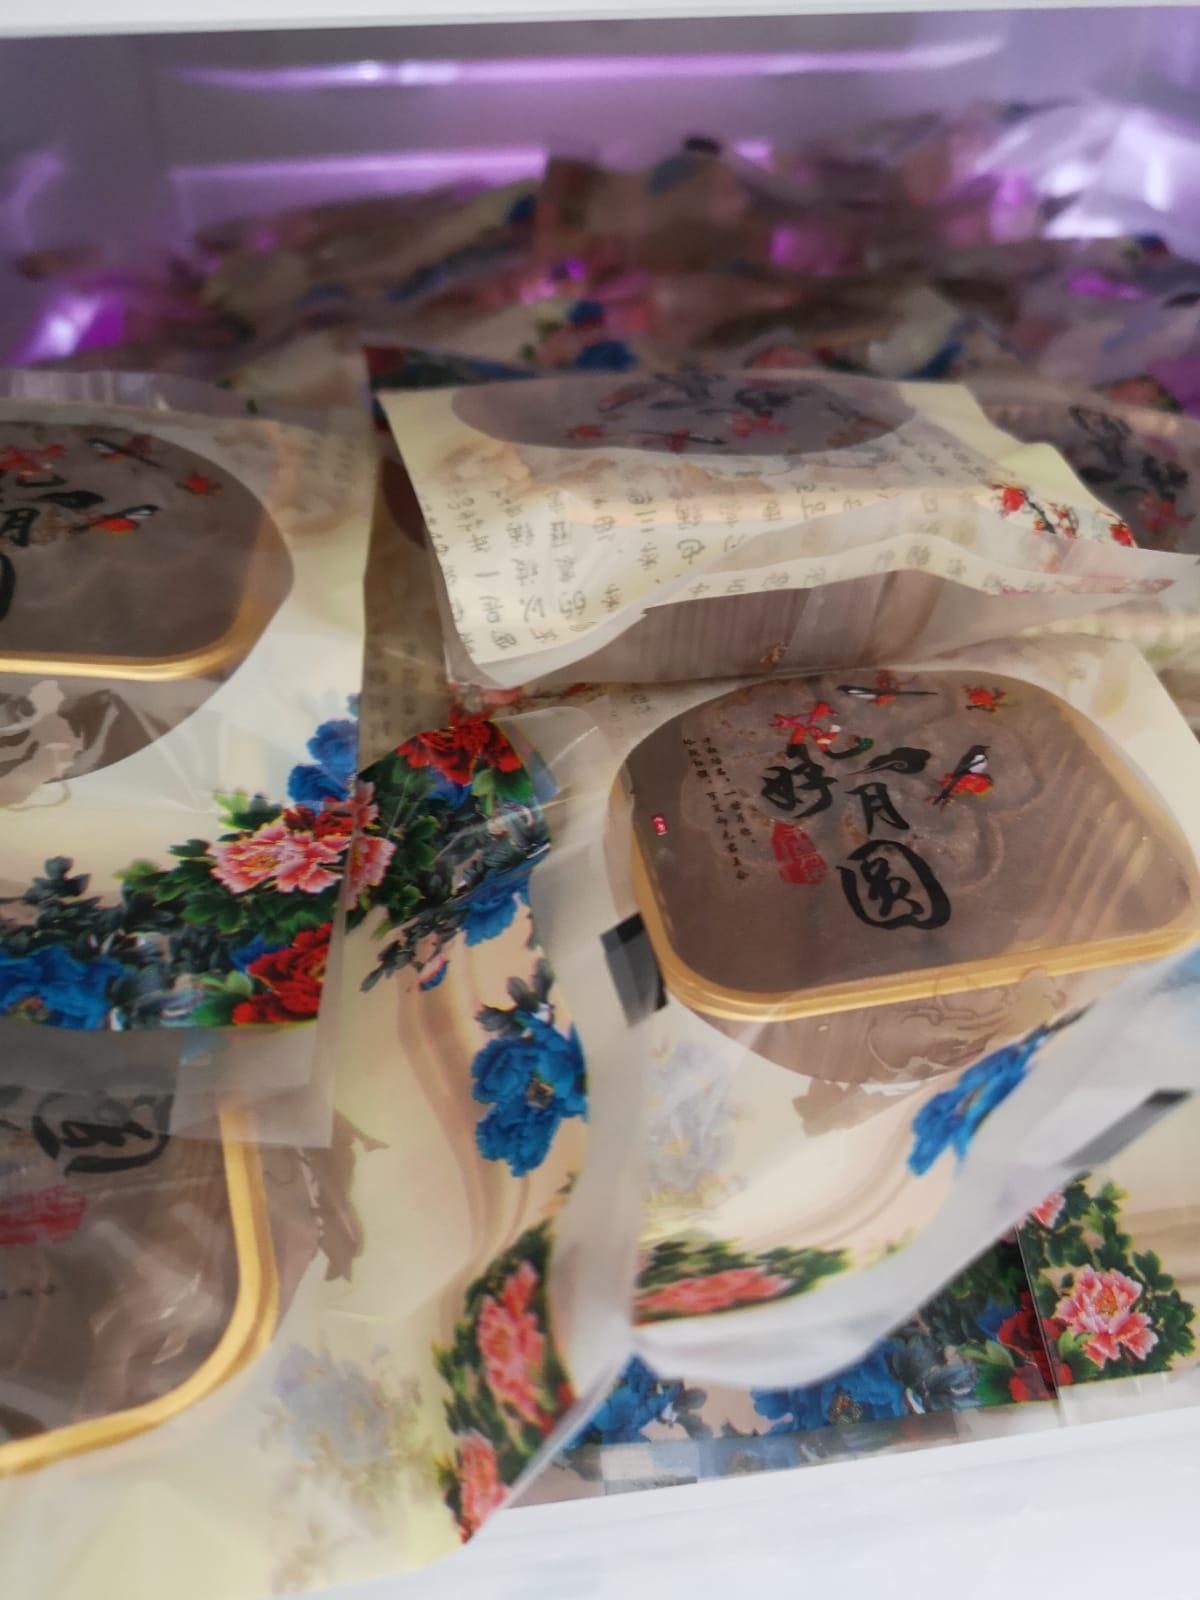 151 snow skin mooncakes for vulnerable seniors